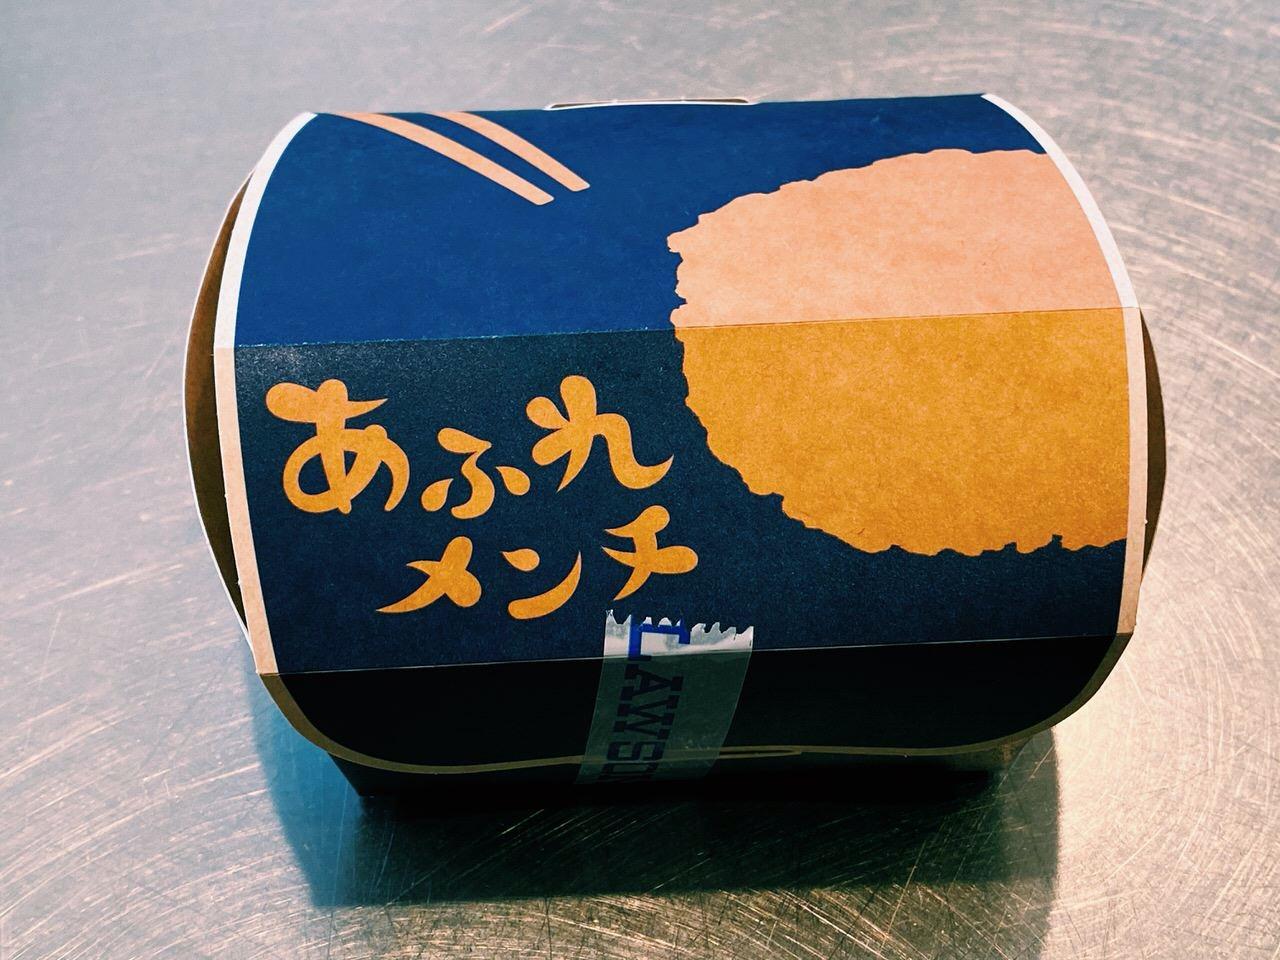 【ローソン】スープたっぷりまるで小籠包!スープあふれ出す「あふれメンチ」